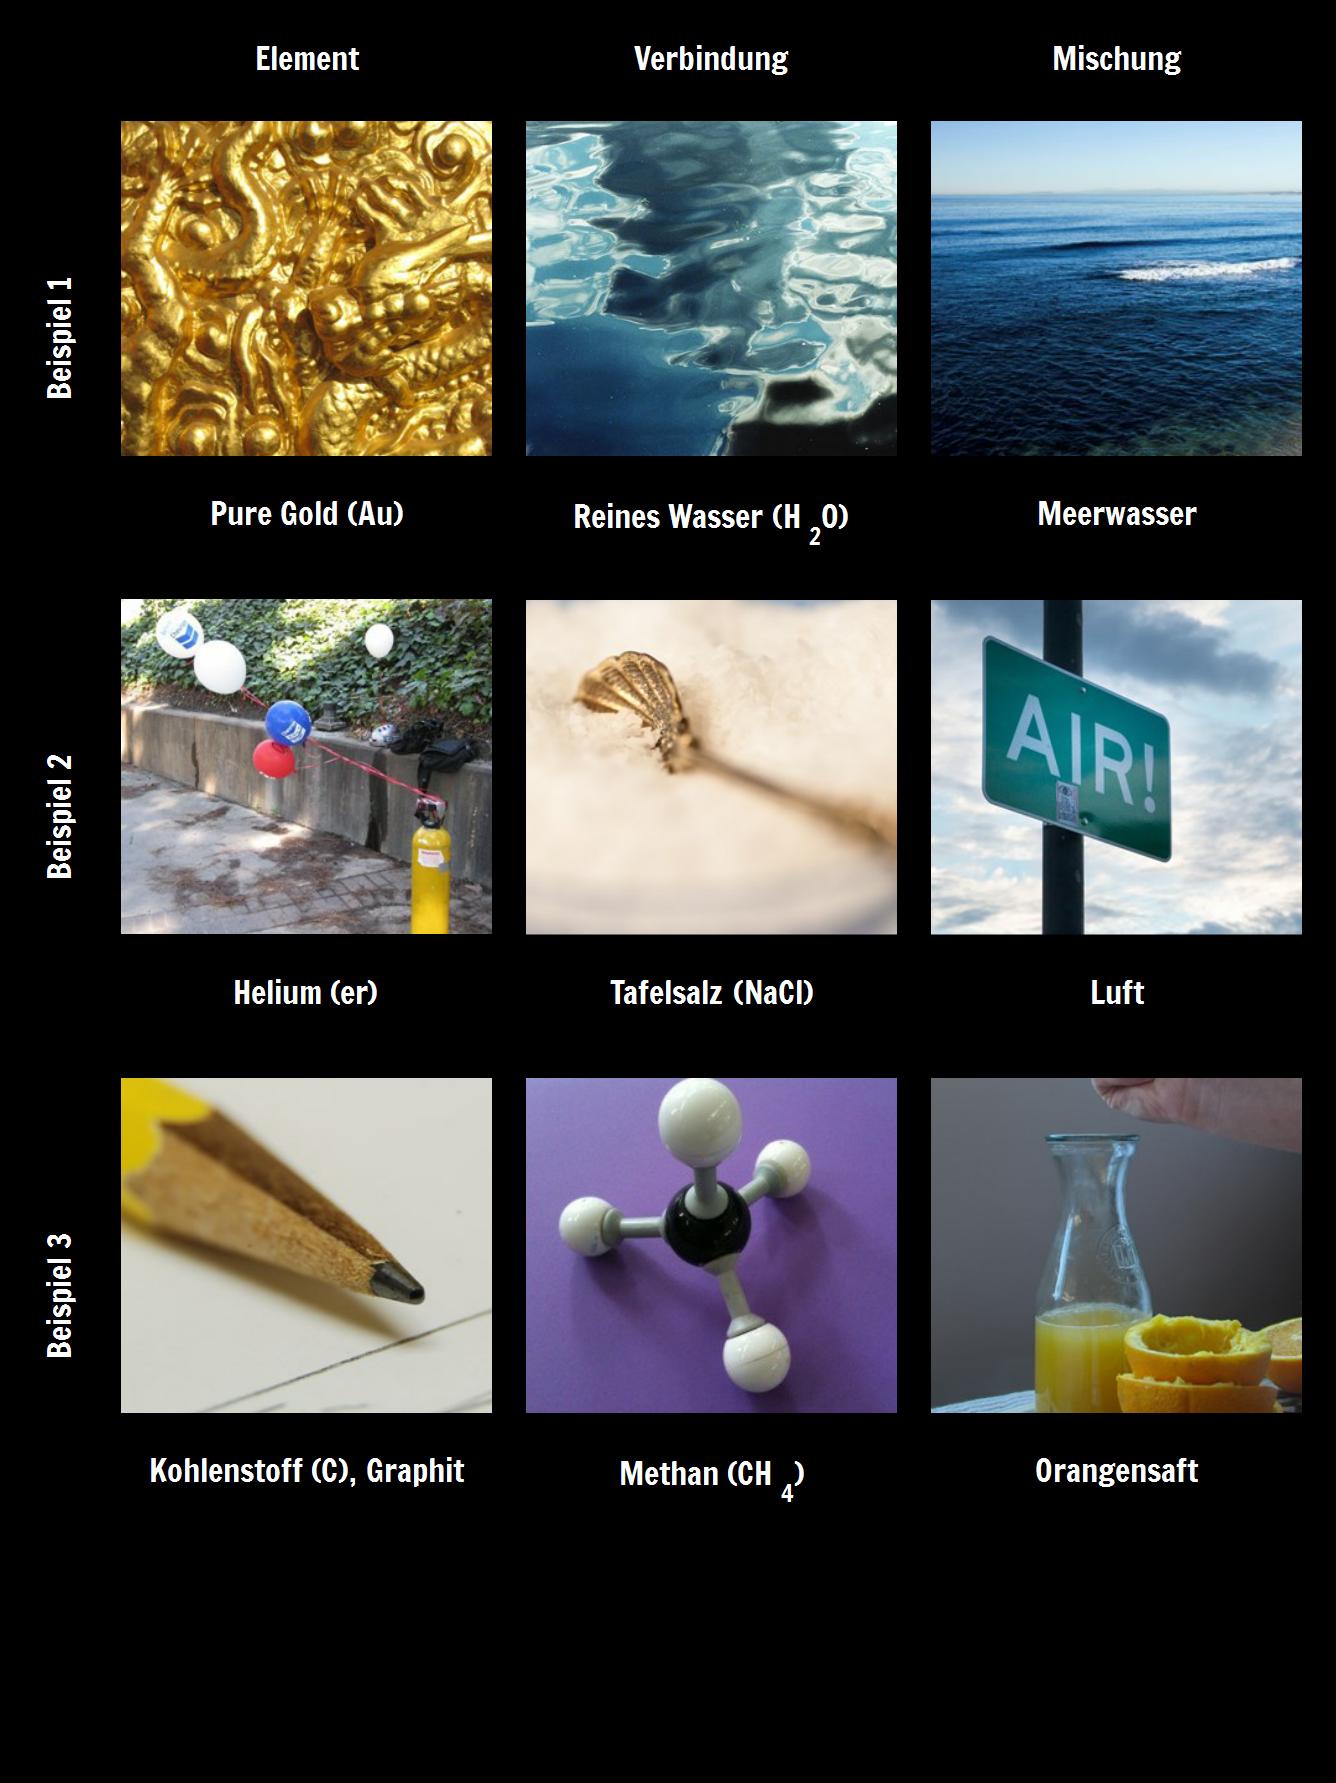 Beispiele Für Elemente Verbindungen Und Gemische